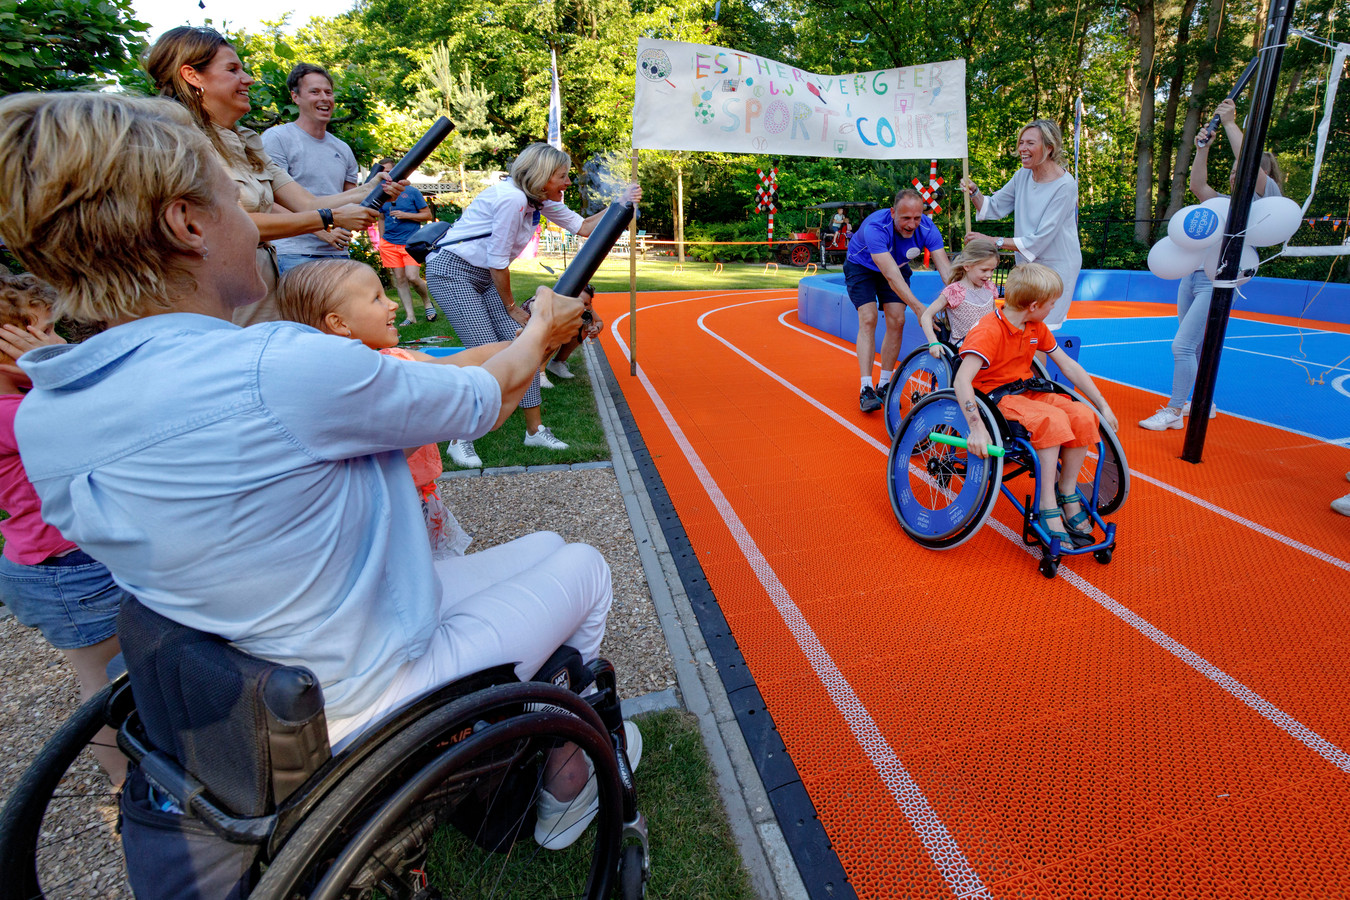 In de tuin bij Villa Pardoes wordt door Esther Vergeer (links) samen met een kleine gast het Sport Court geopend.